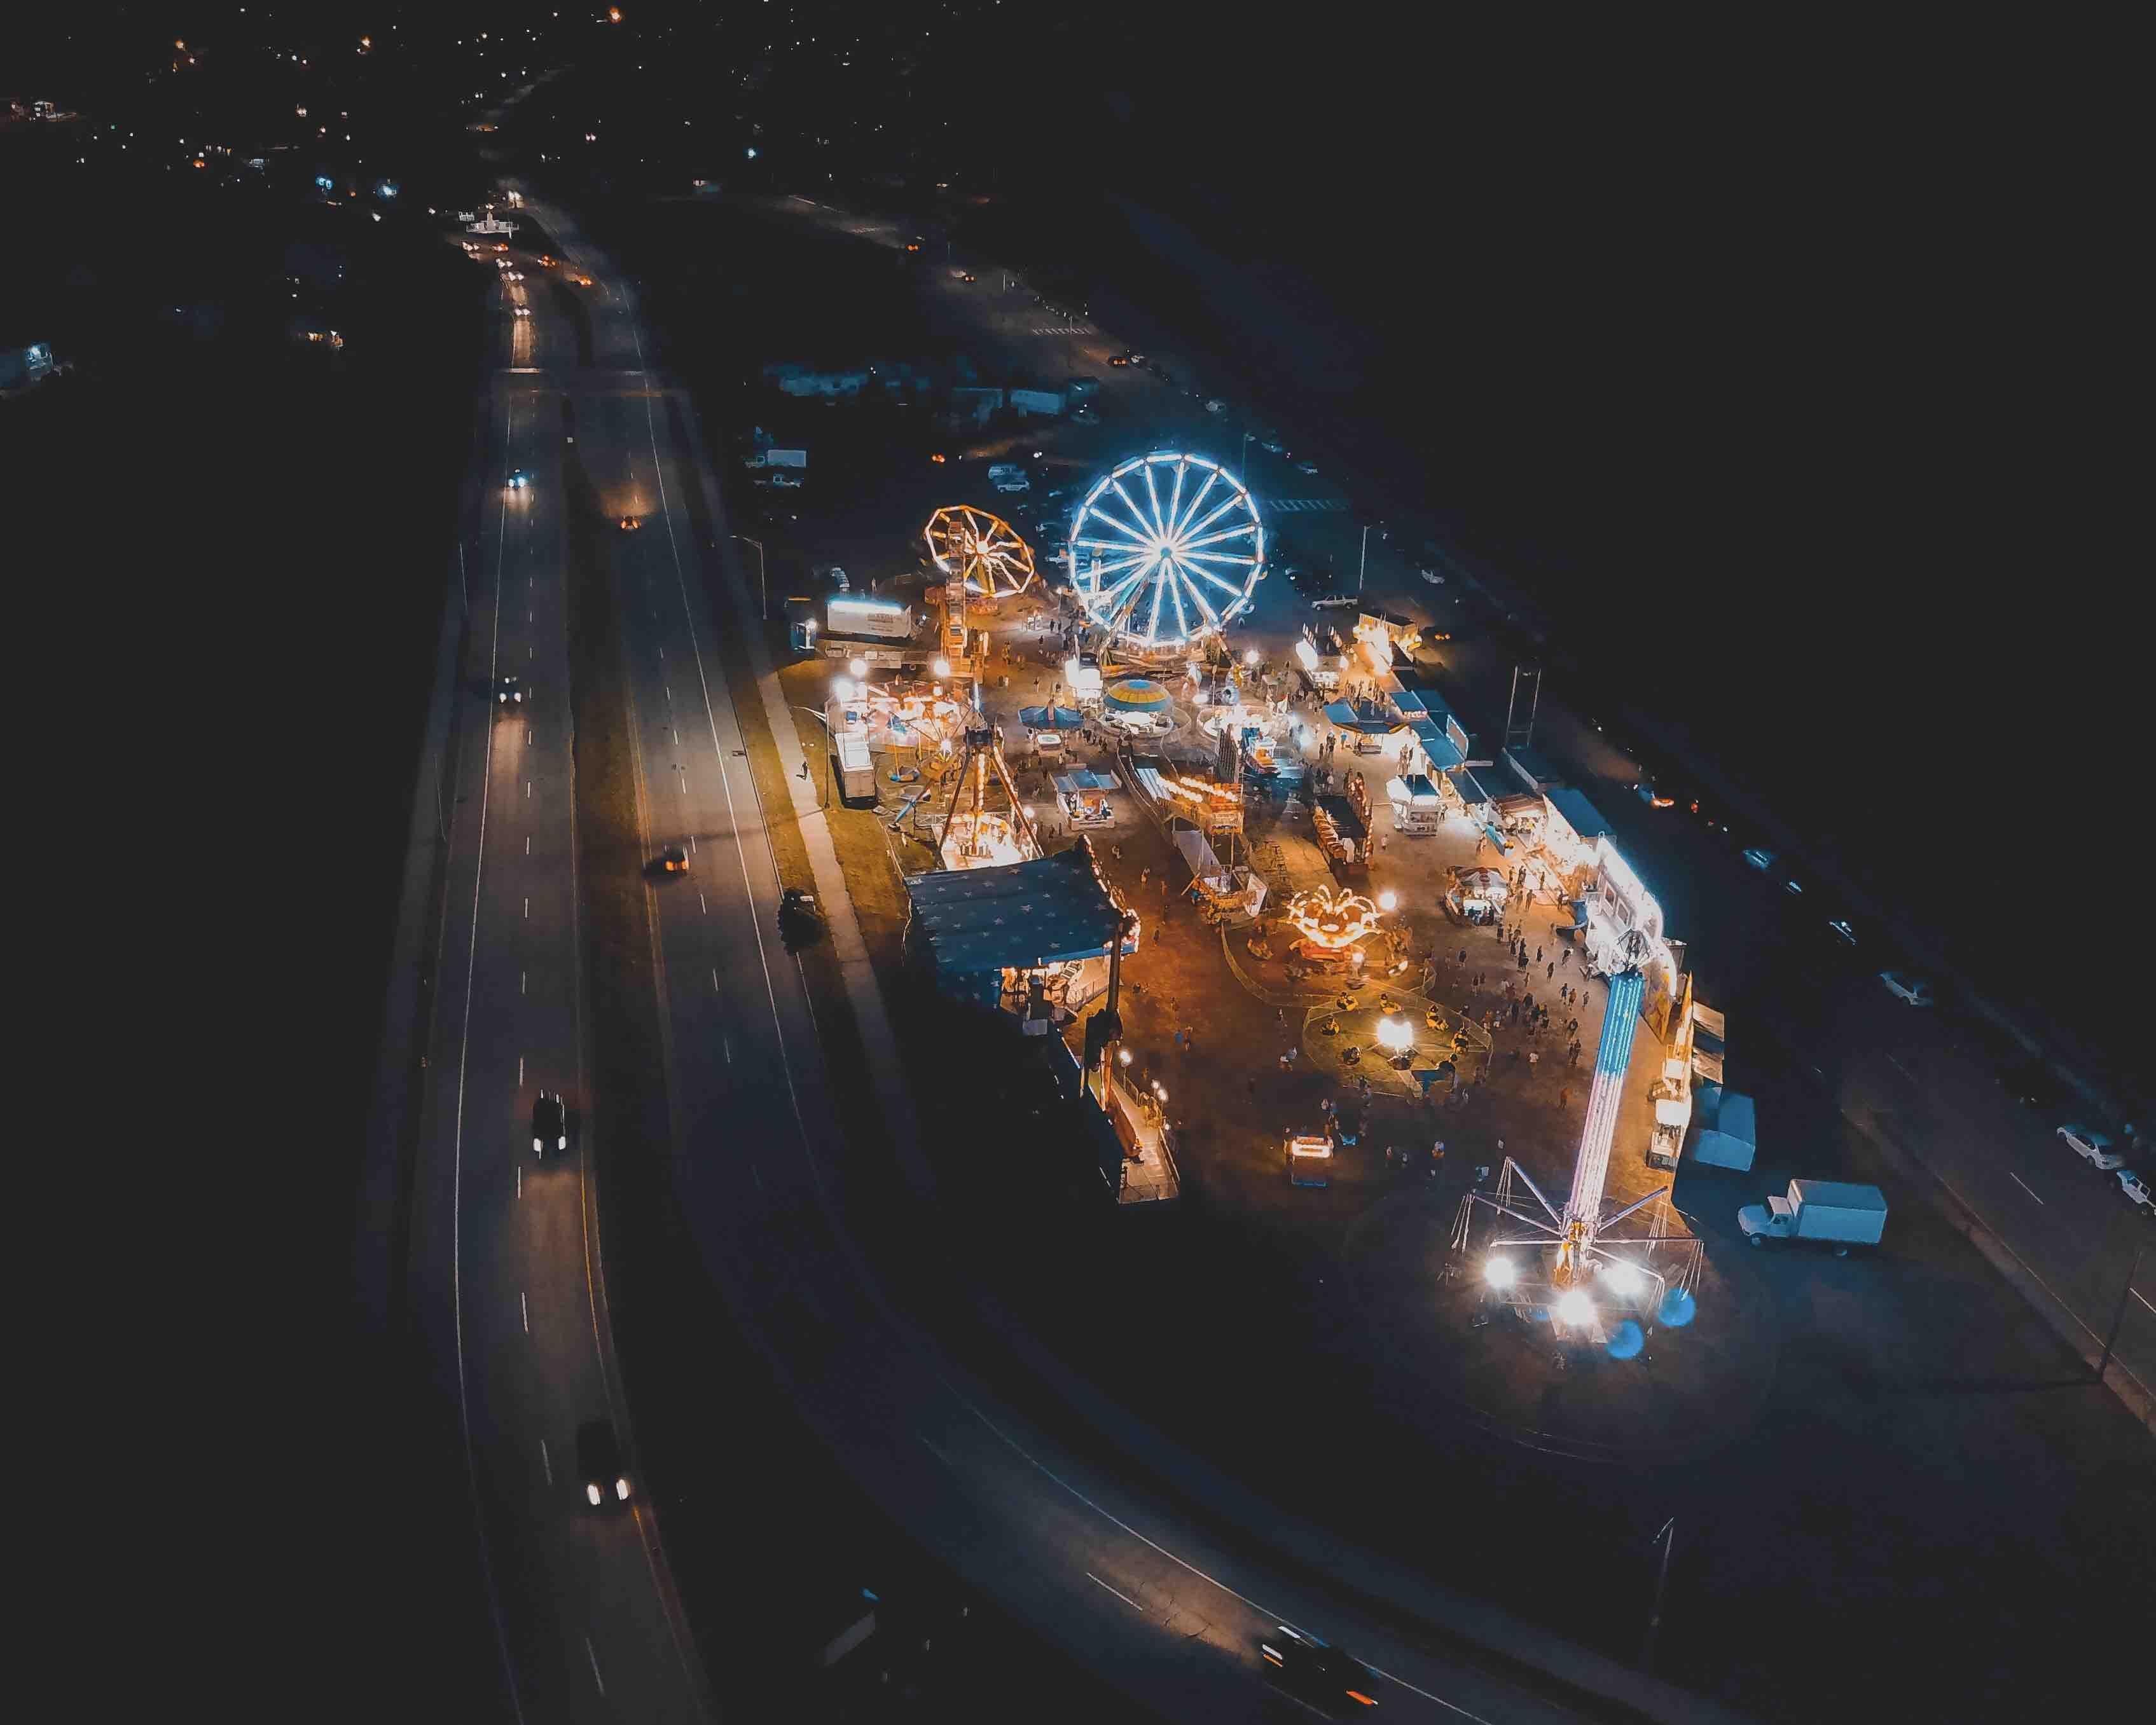 concrete roads with cars passing near amusement park